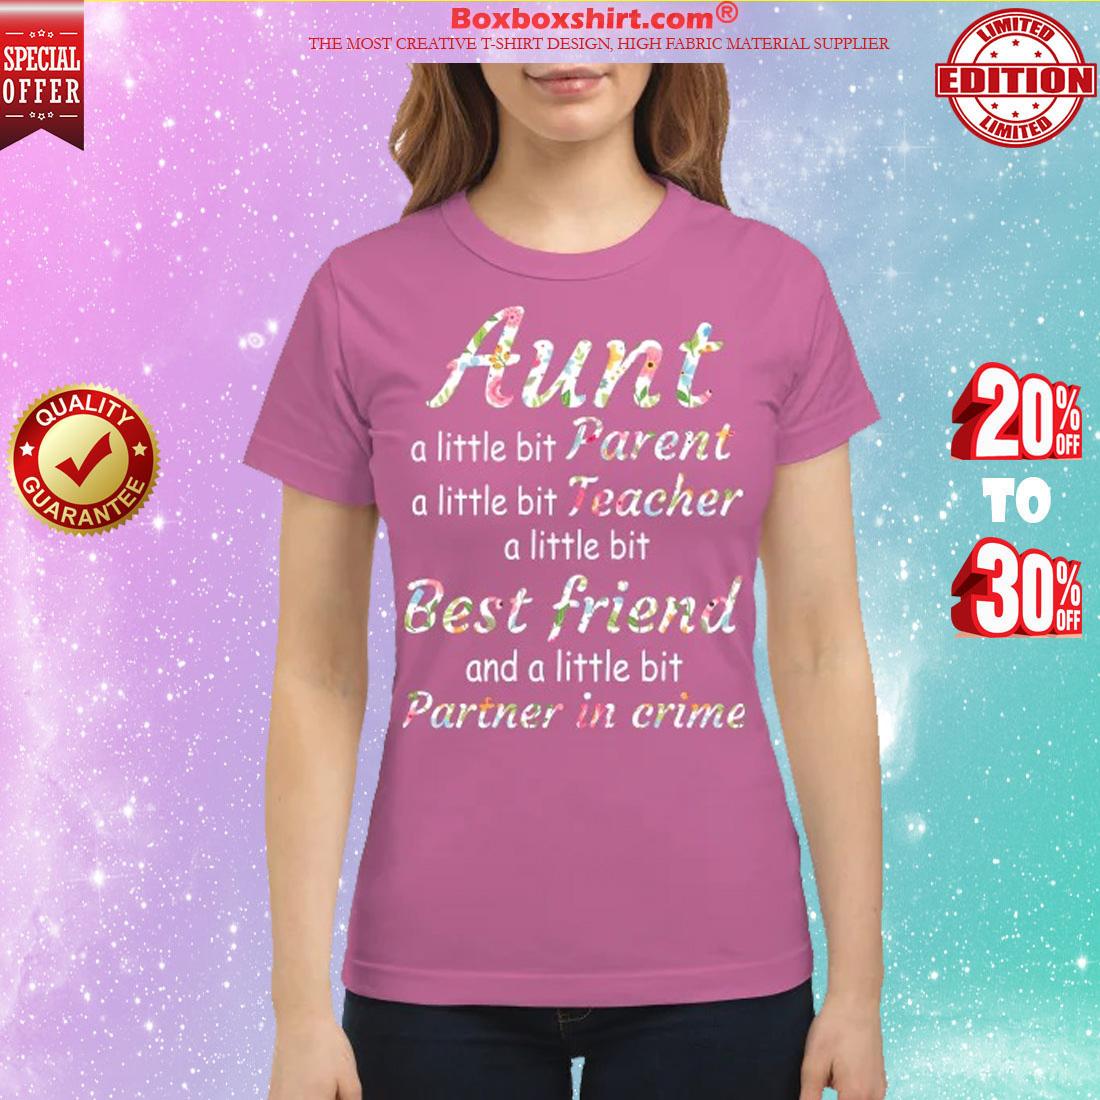 Aunt a little bit parent teacher best friend partner in crime classic shirt